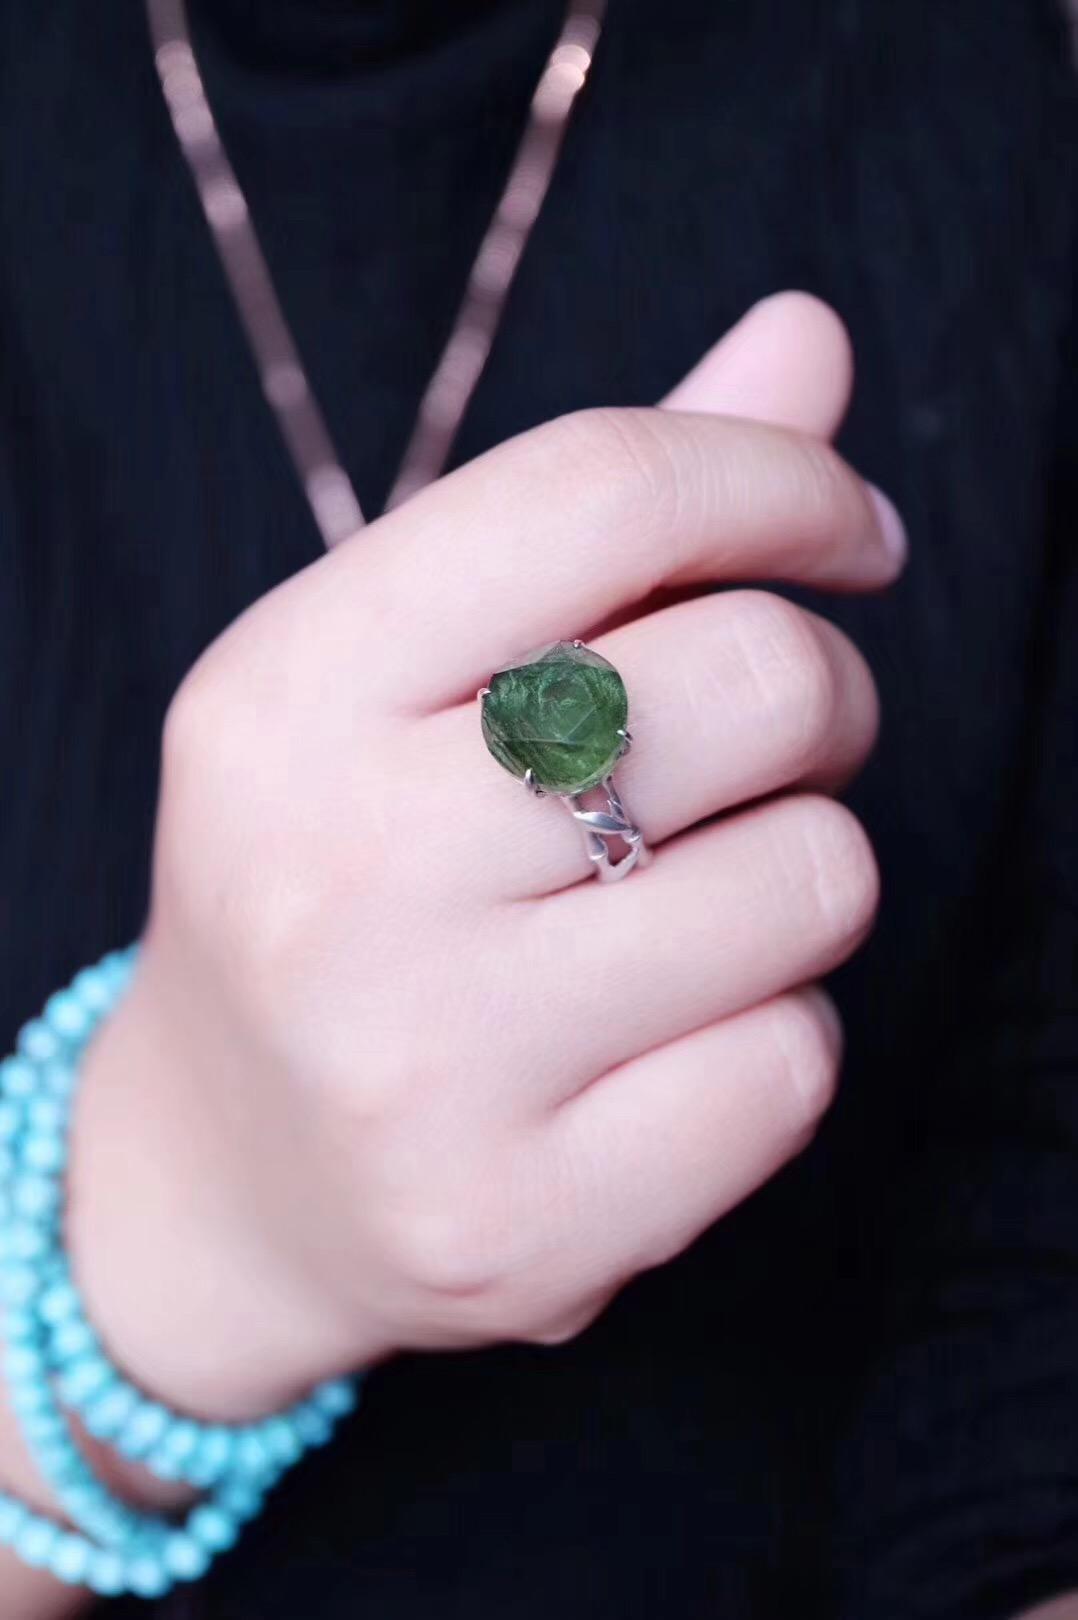 【菩心·捷克陨石白金戒】梅尔卡巴图腾的捷克陨石,更是独有一番帅气-菩心晶舍